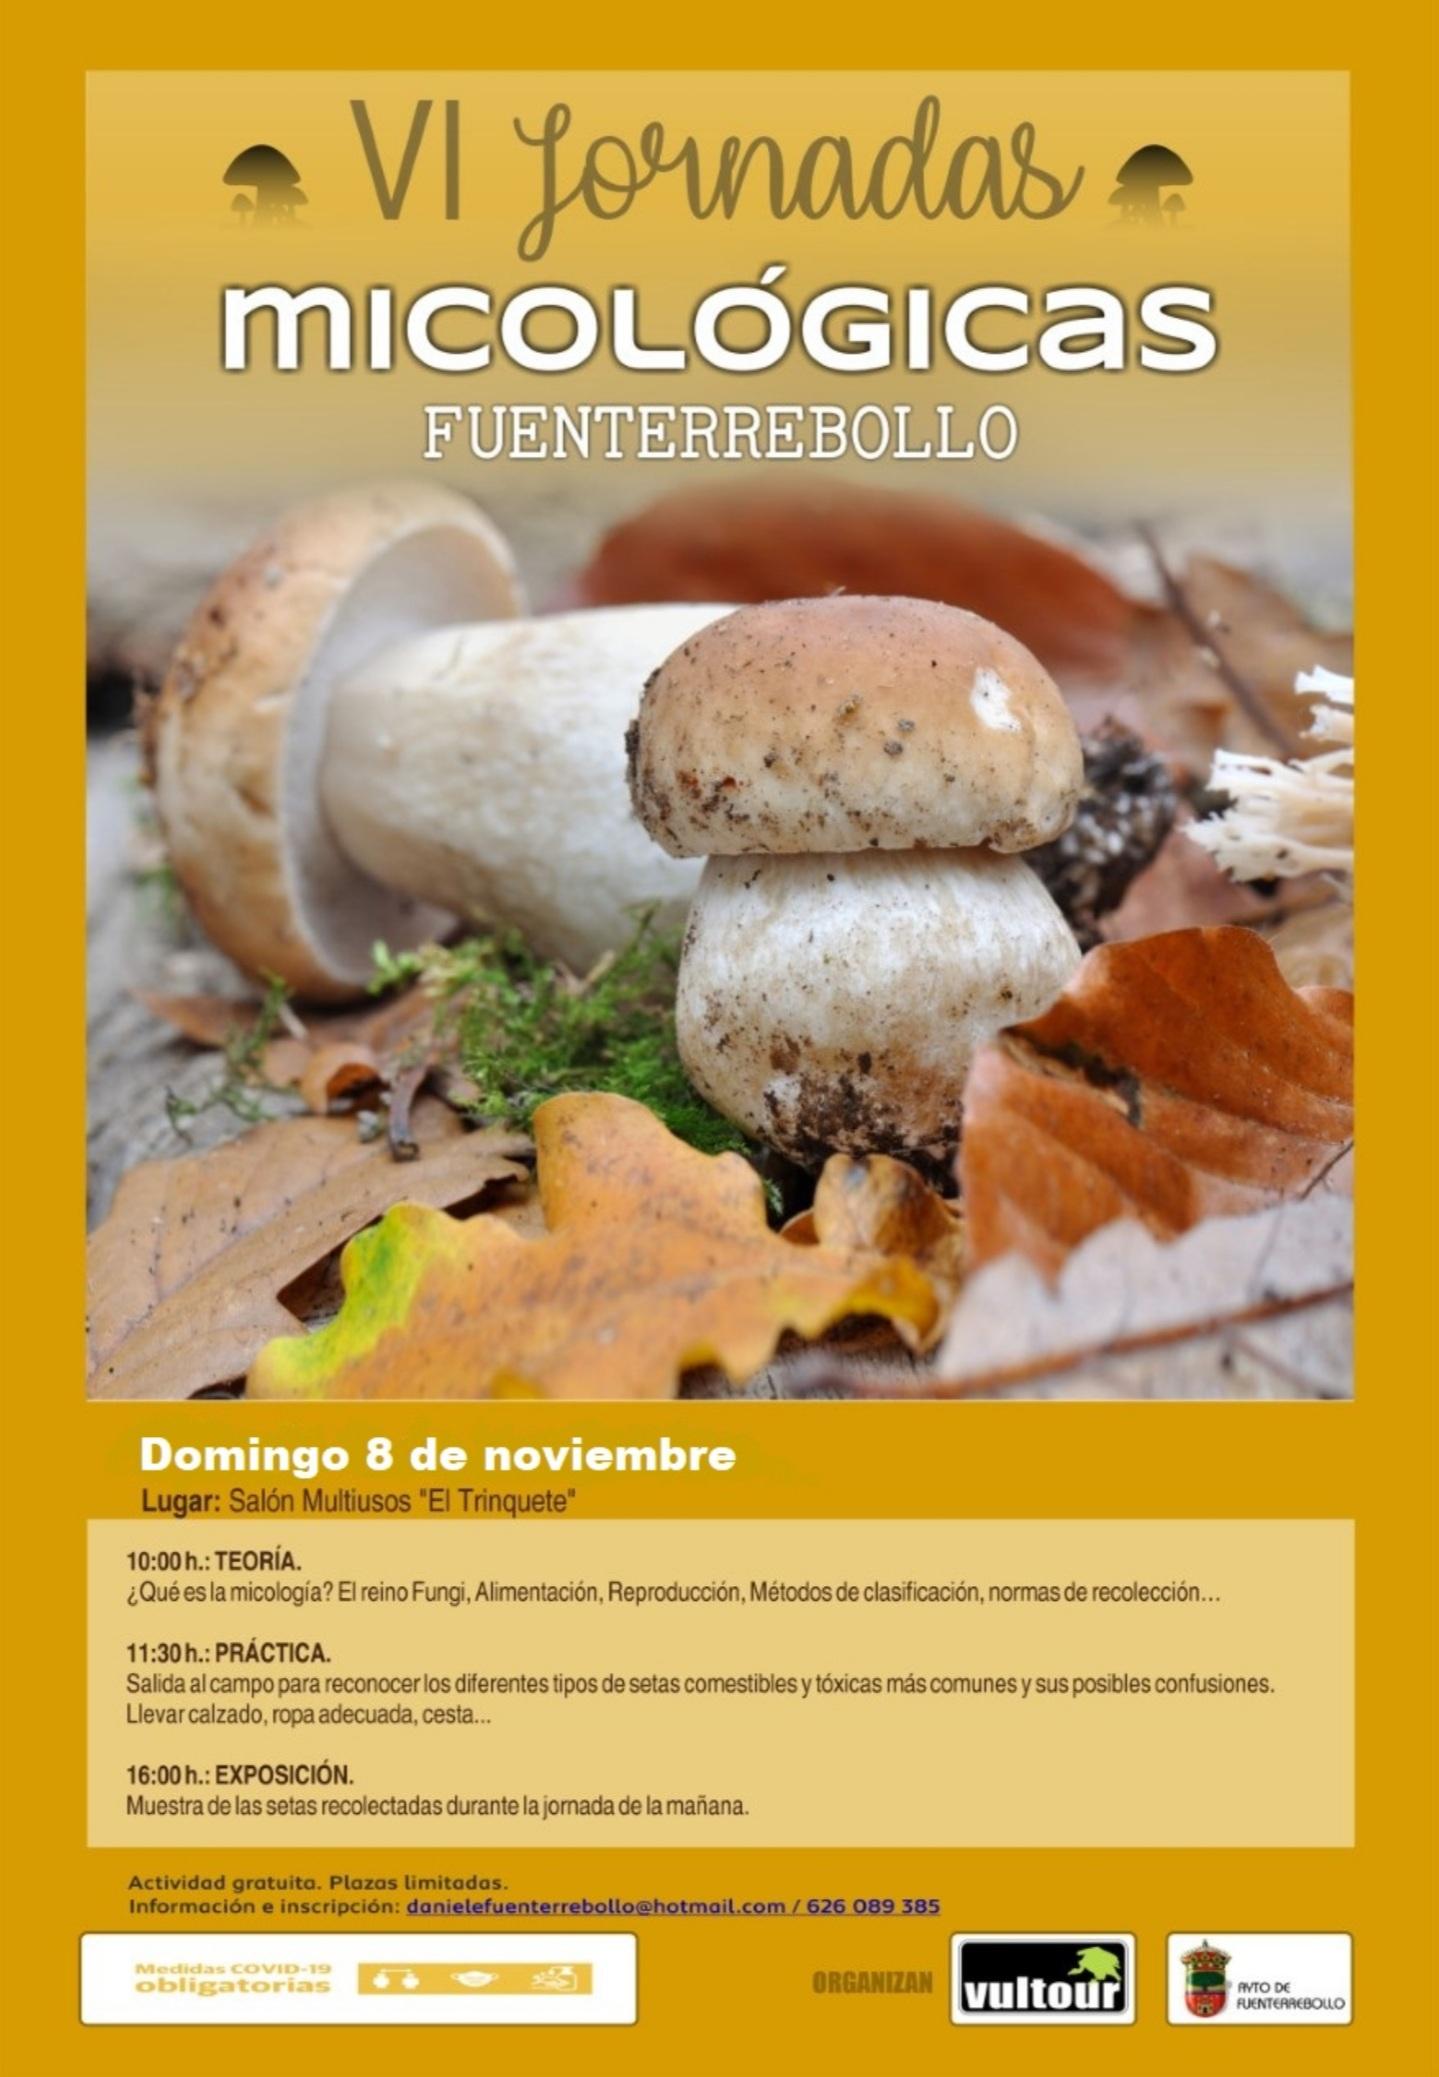 VI Jornadas Micológicas de Fuenterrebollo